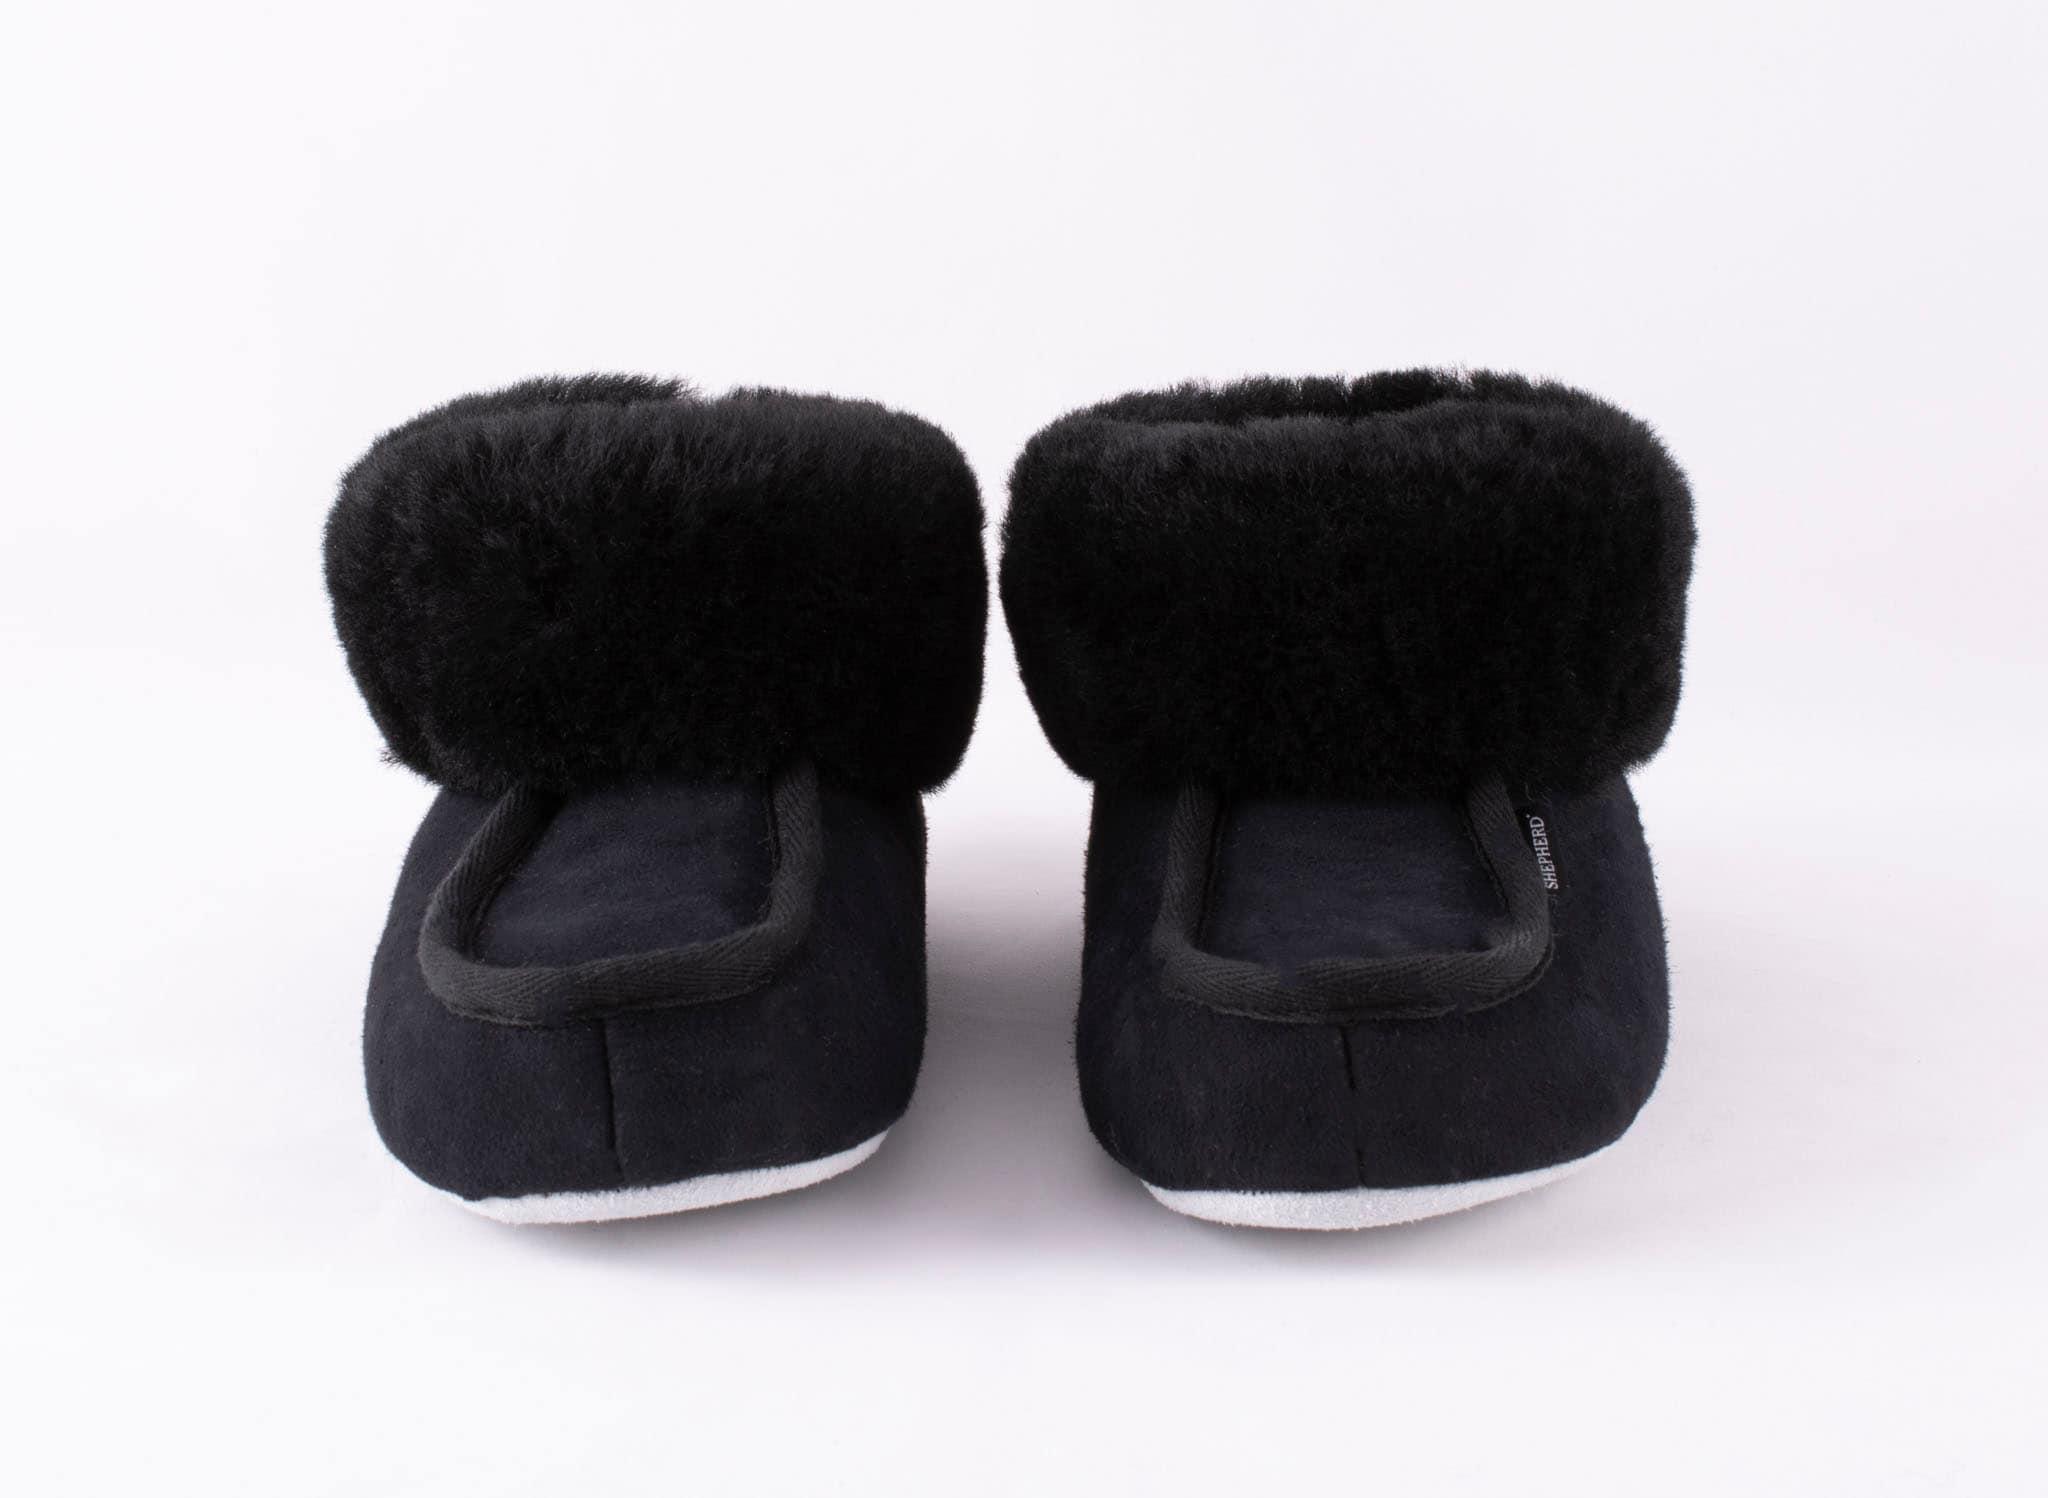 Magnus slippers